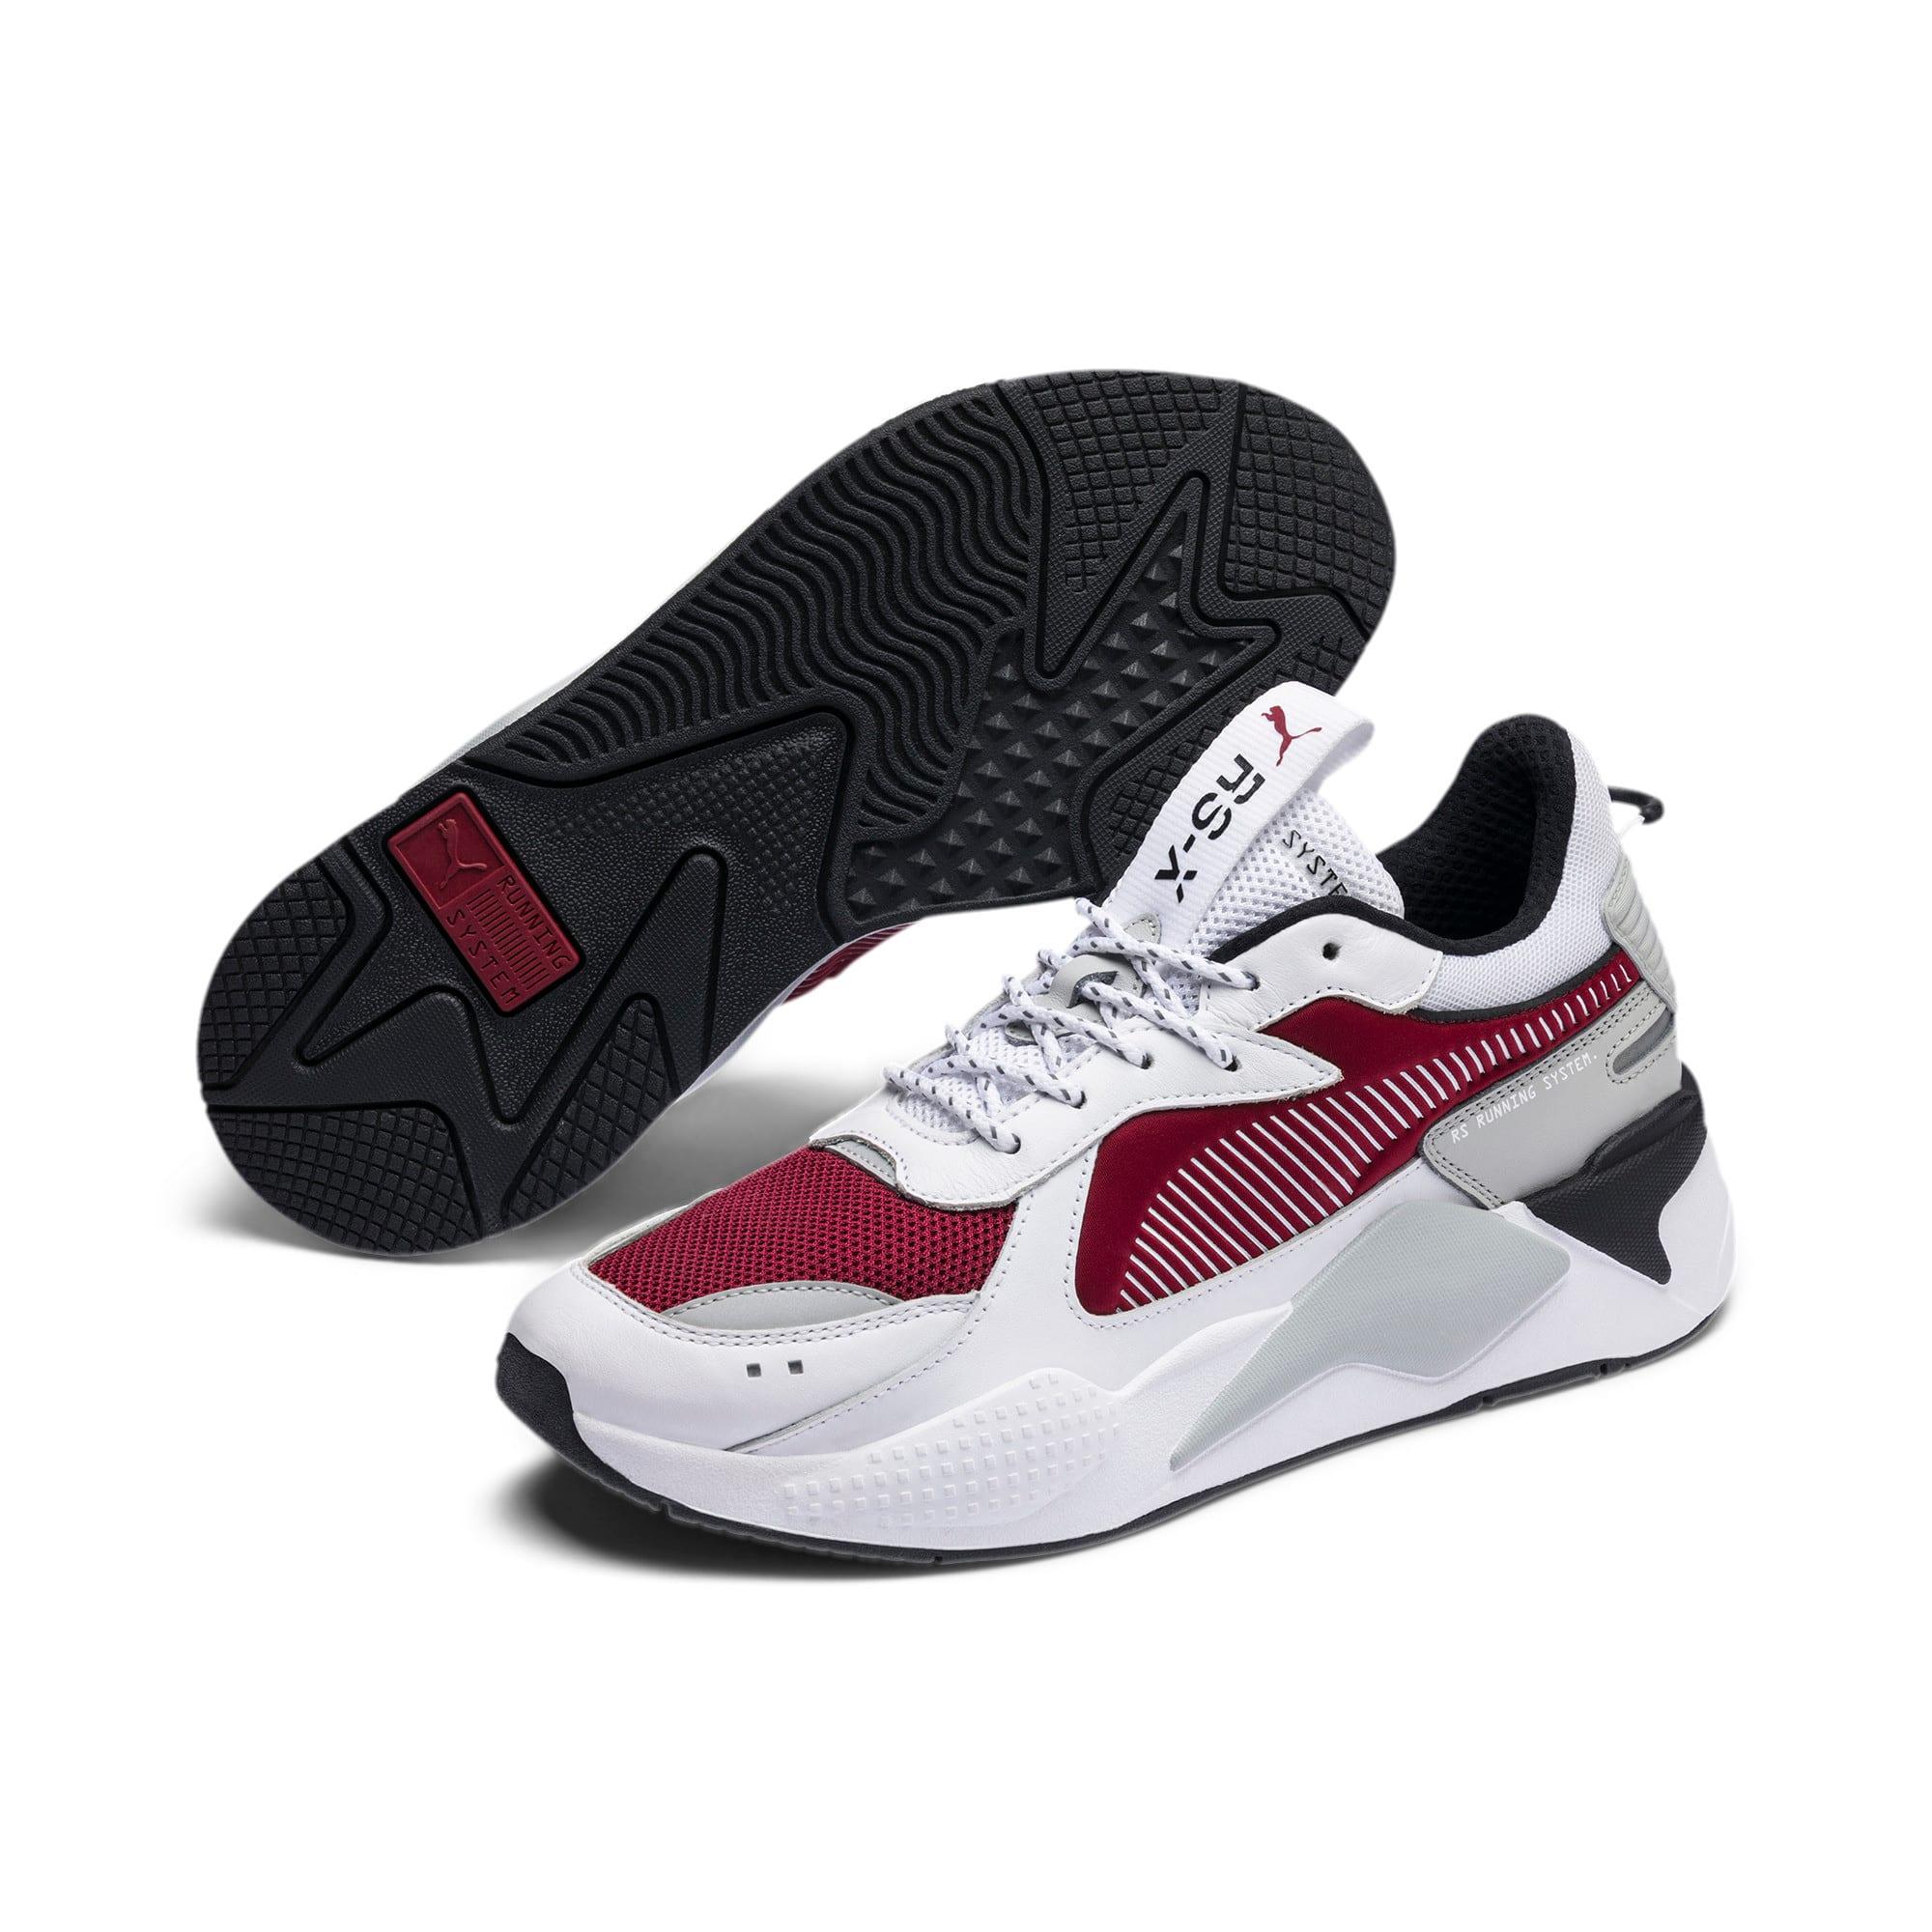 Thumbnail 3 of RS-X Sneaker, Puma White-Rhubarb, medium